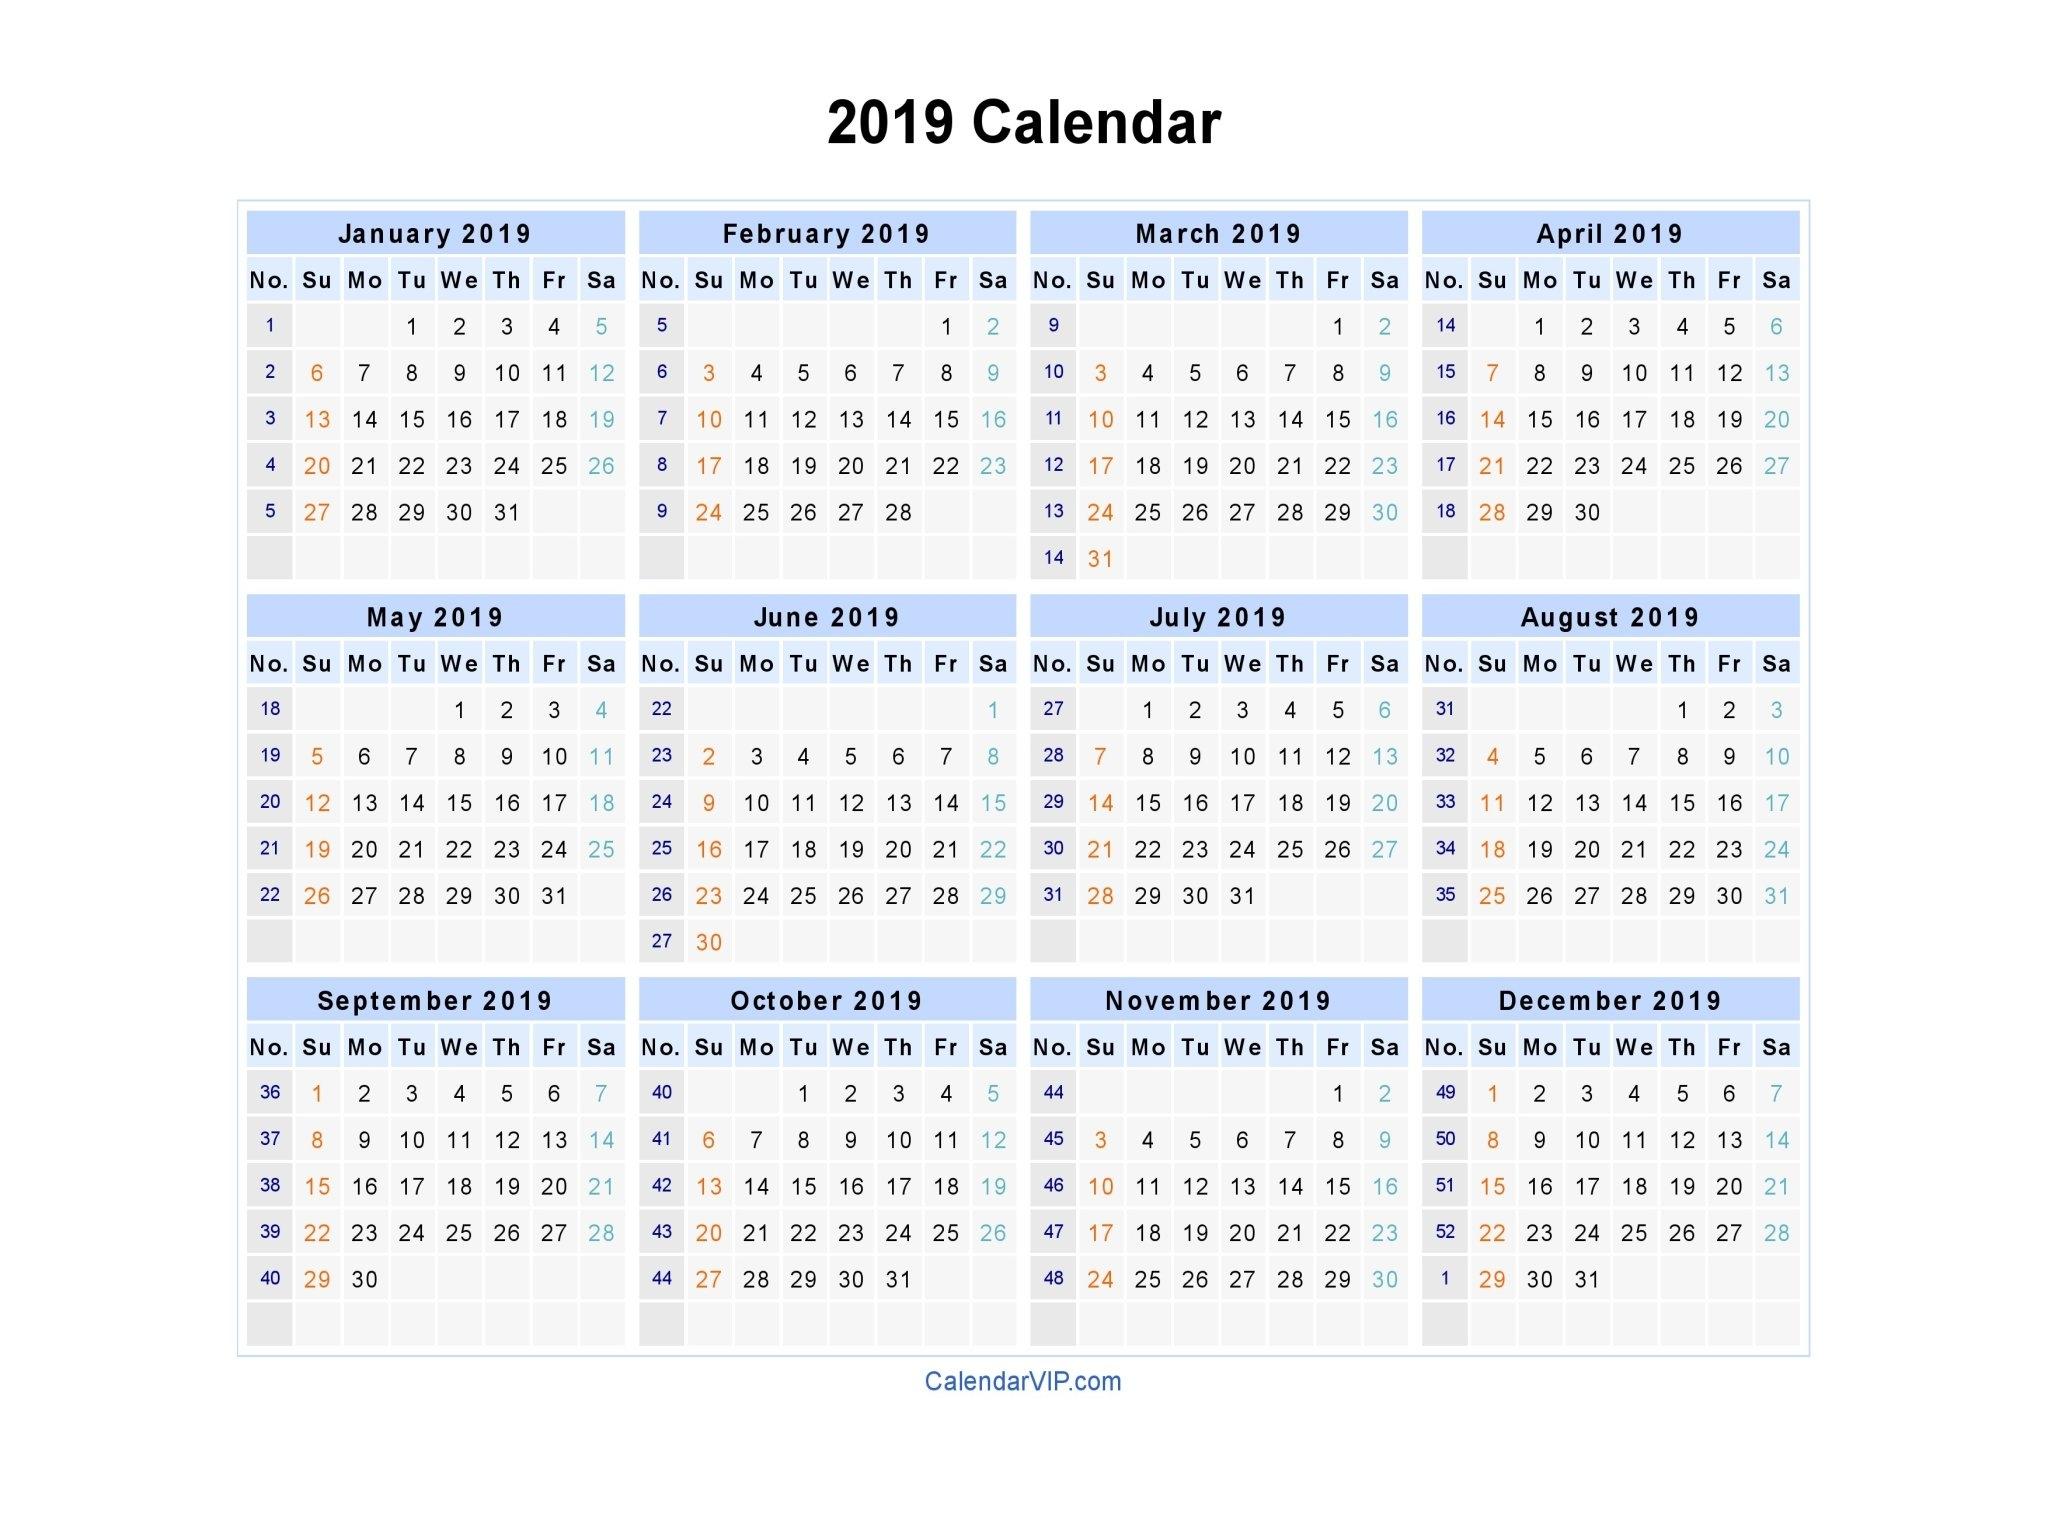 2019 Calendar - Blank Printable Calendar Template In Pdf Word Excel Calendar Week 12 2019